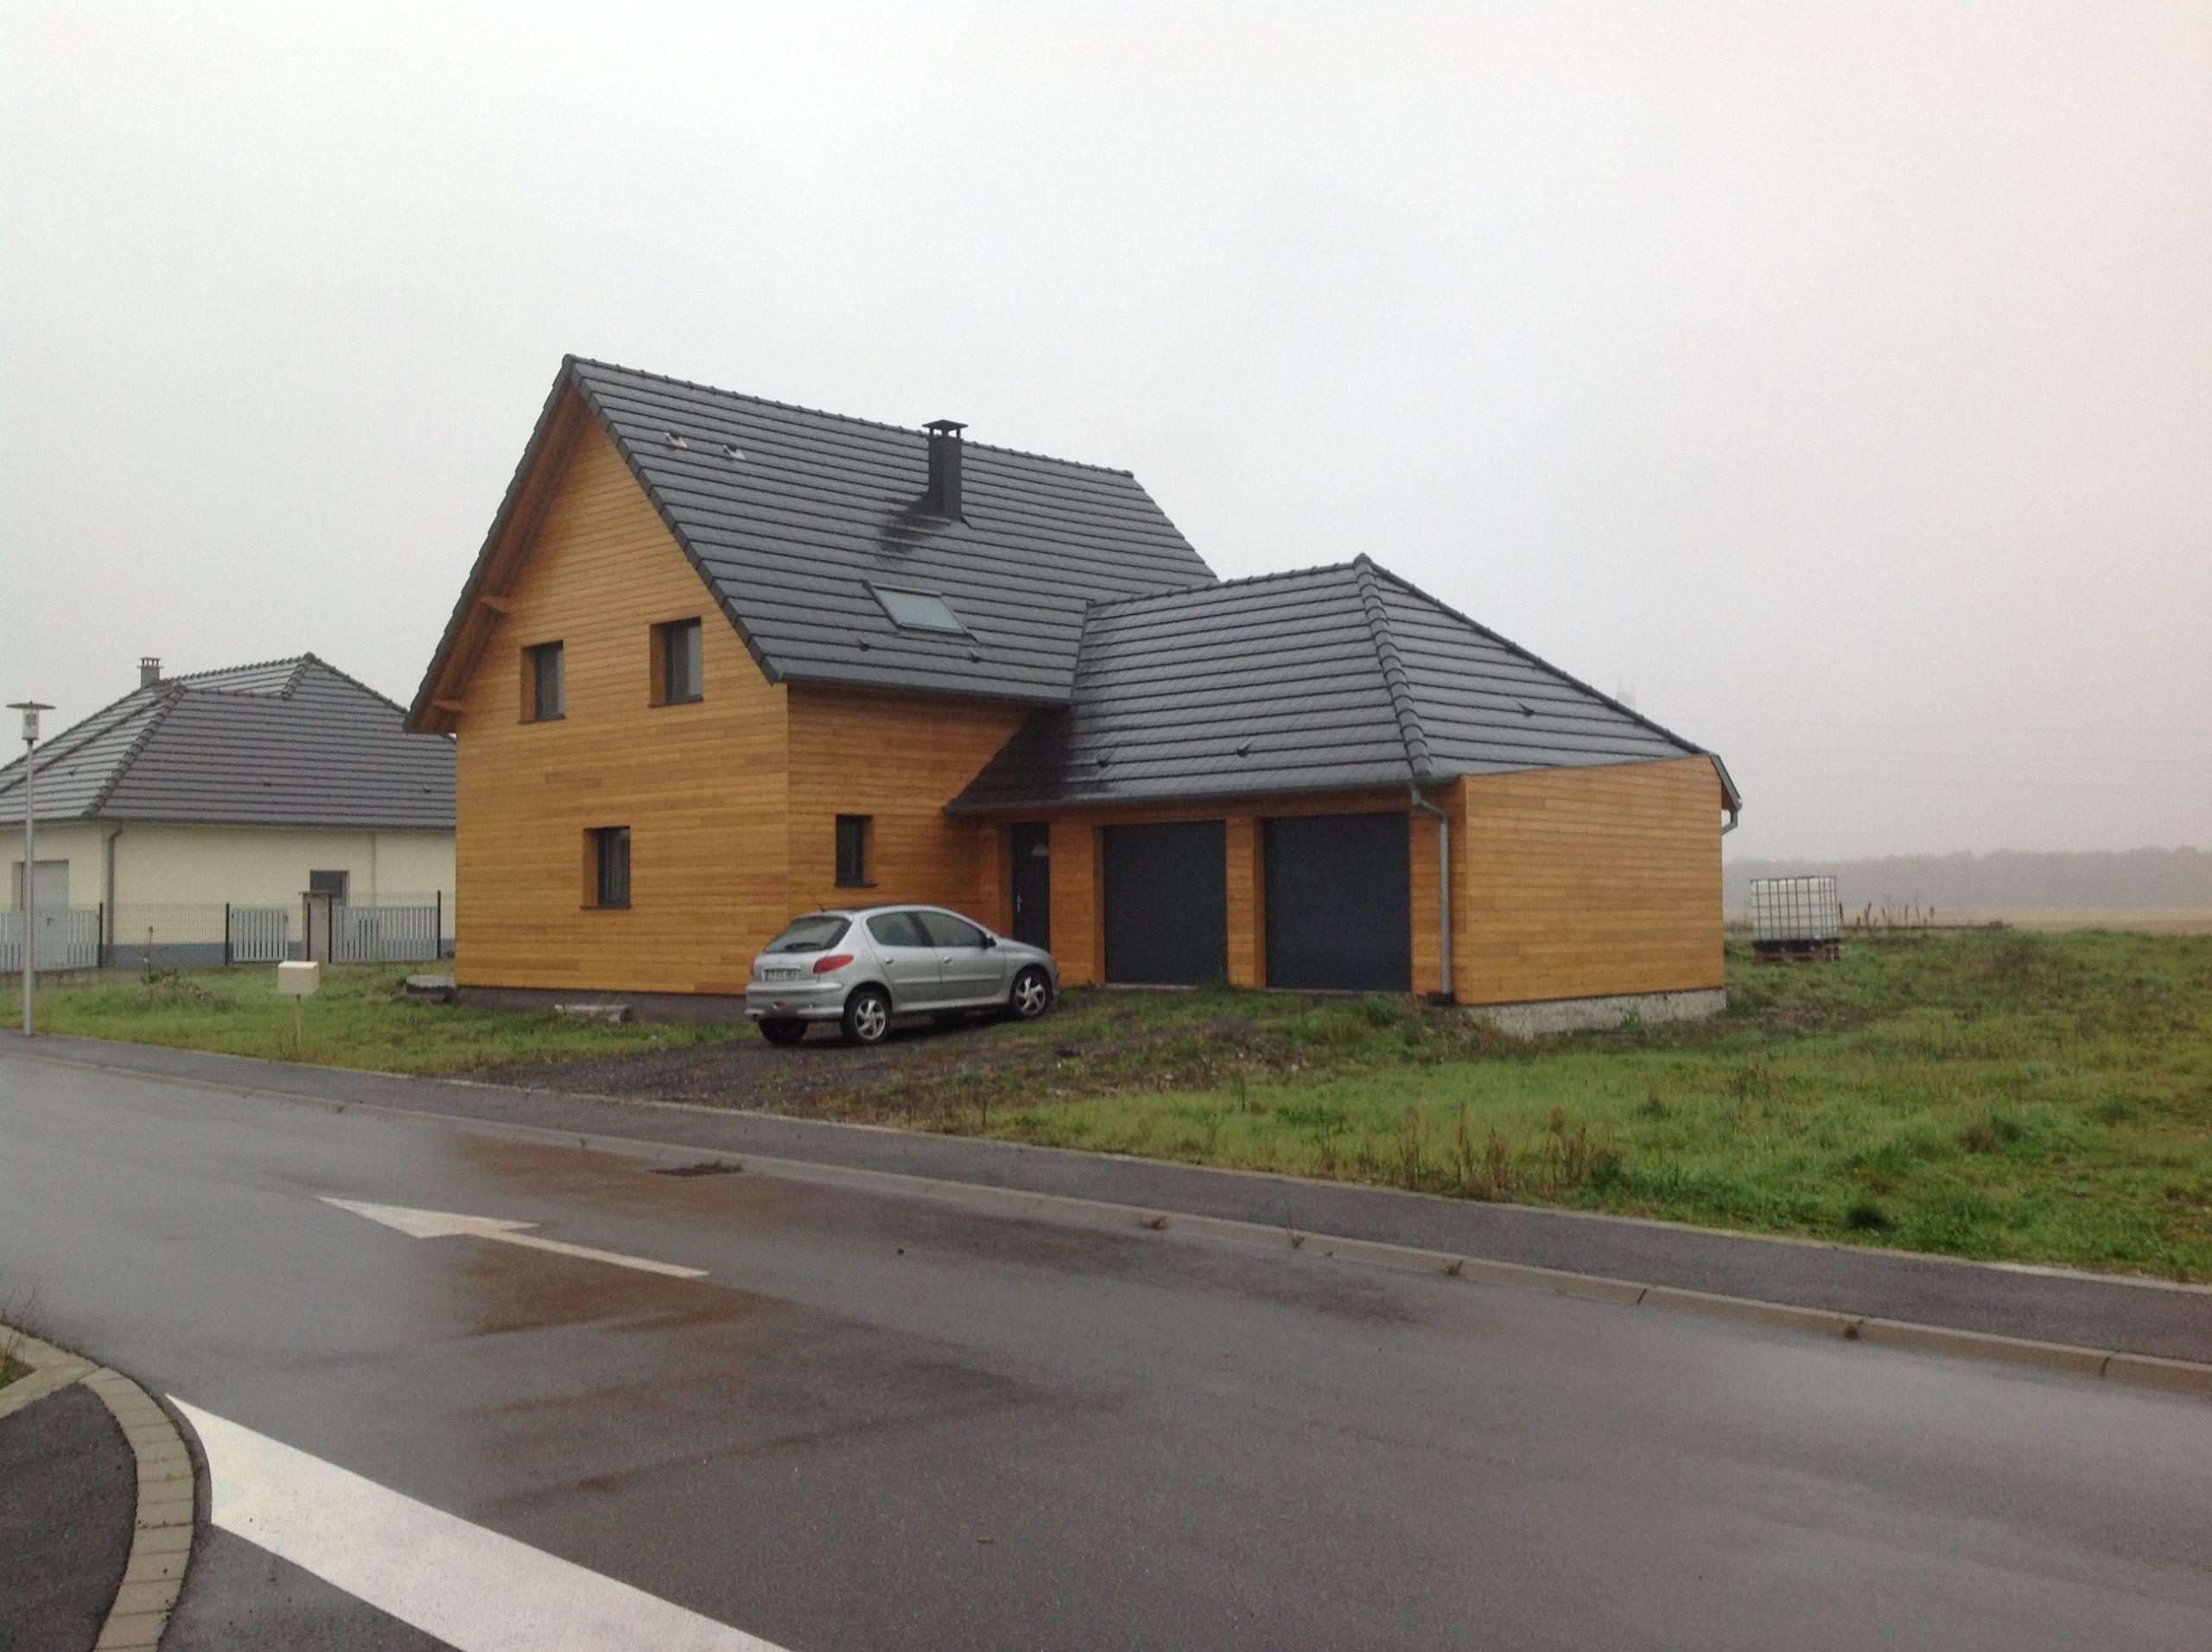 Maison en bois à toiture pente multiple ABT Construction